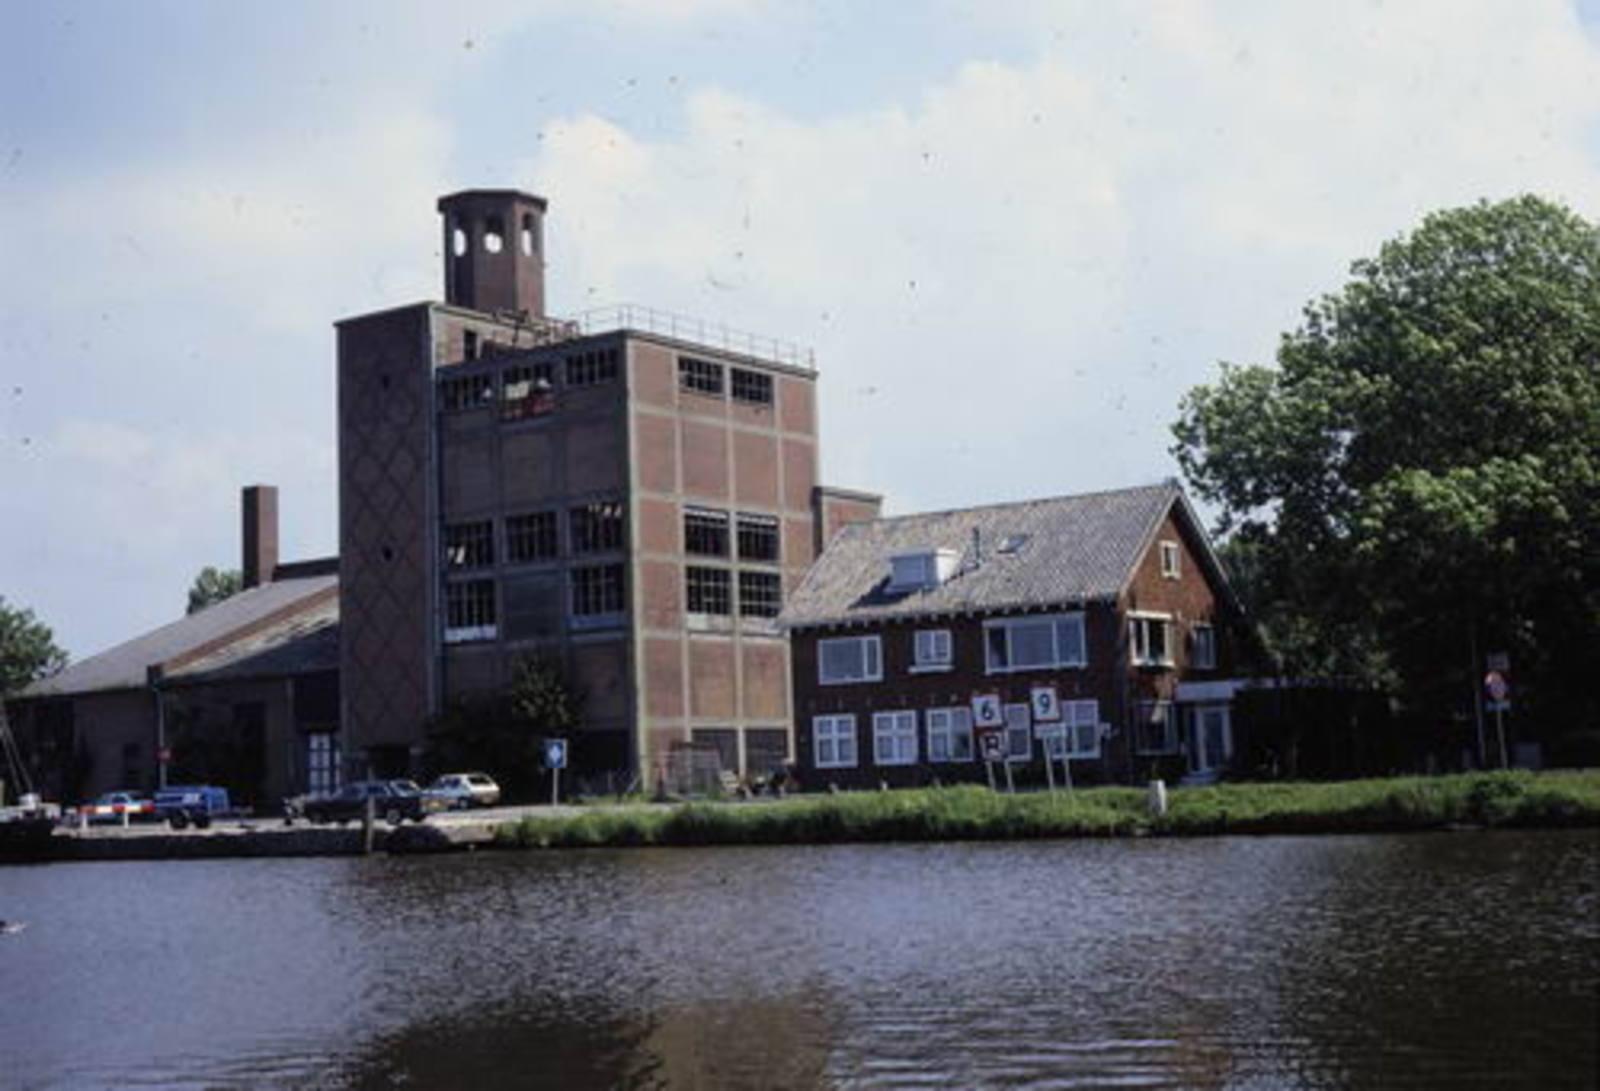 Cruquiusdijk 0039 1995 Graansilo van Wijk